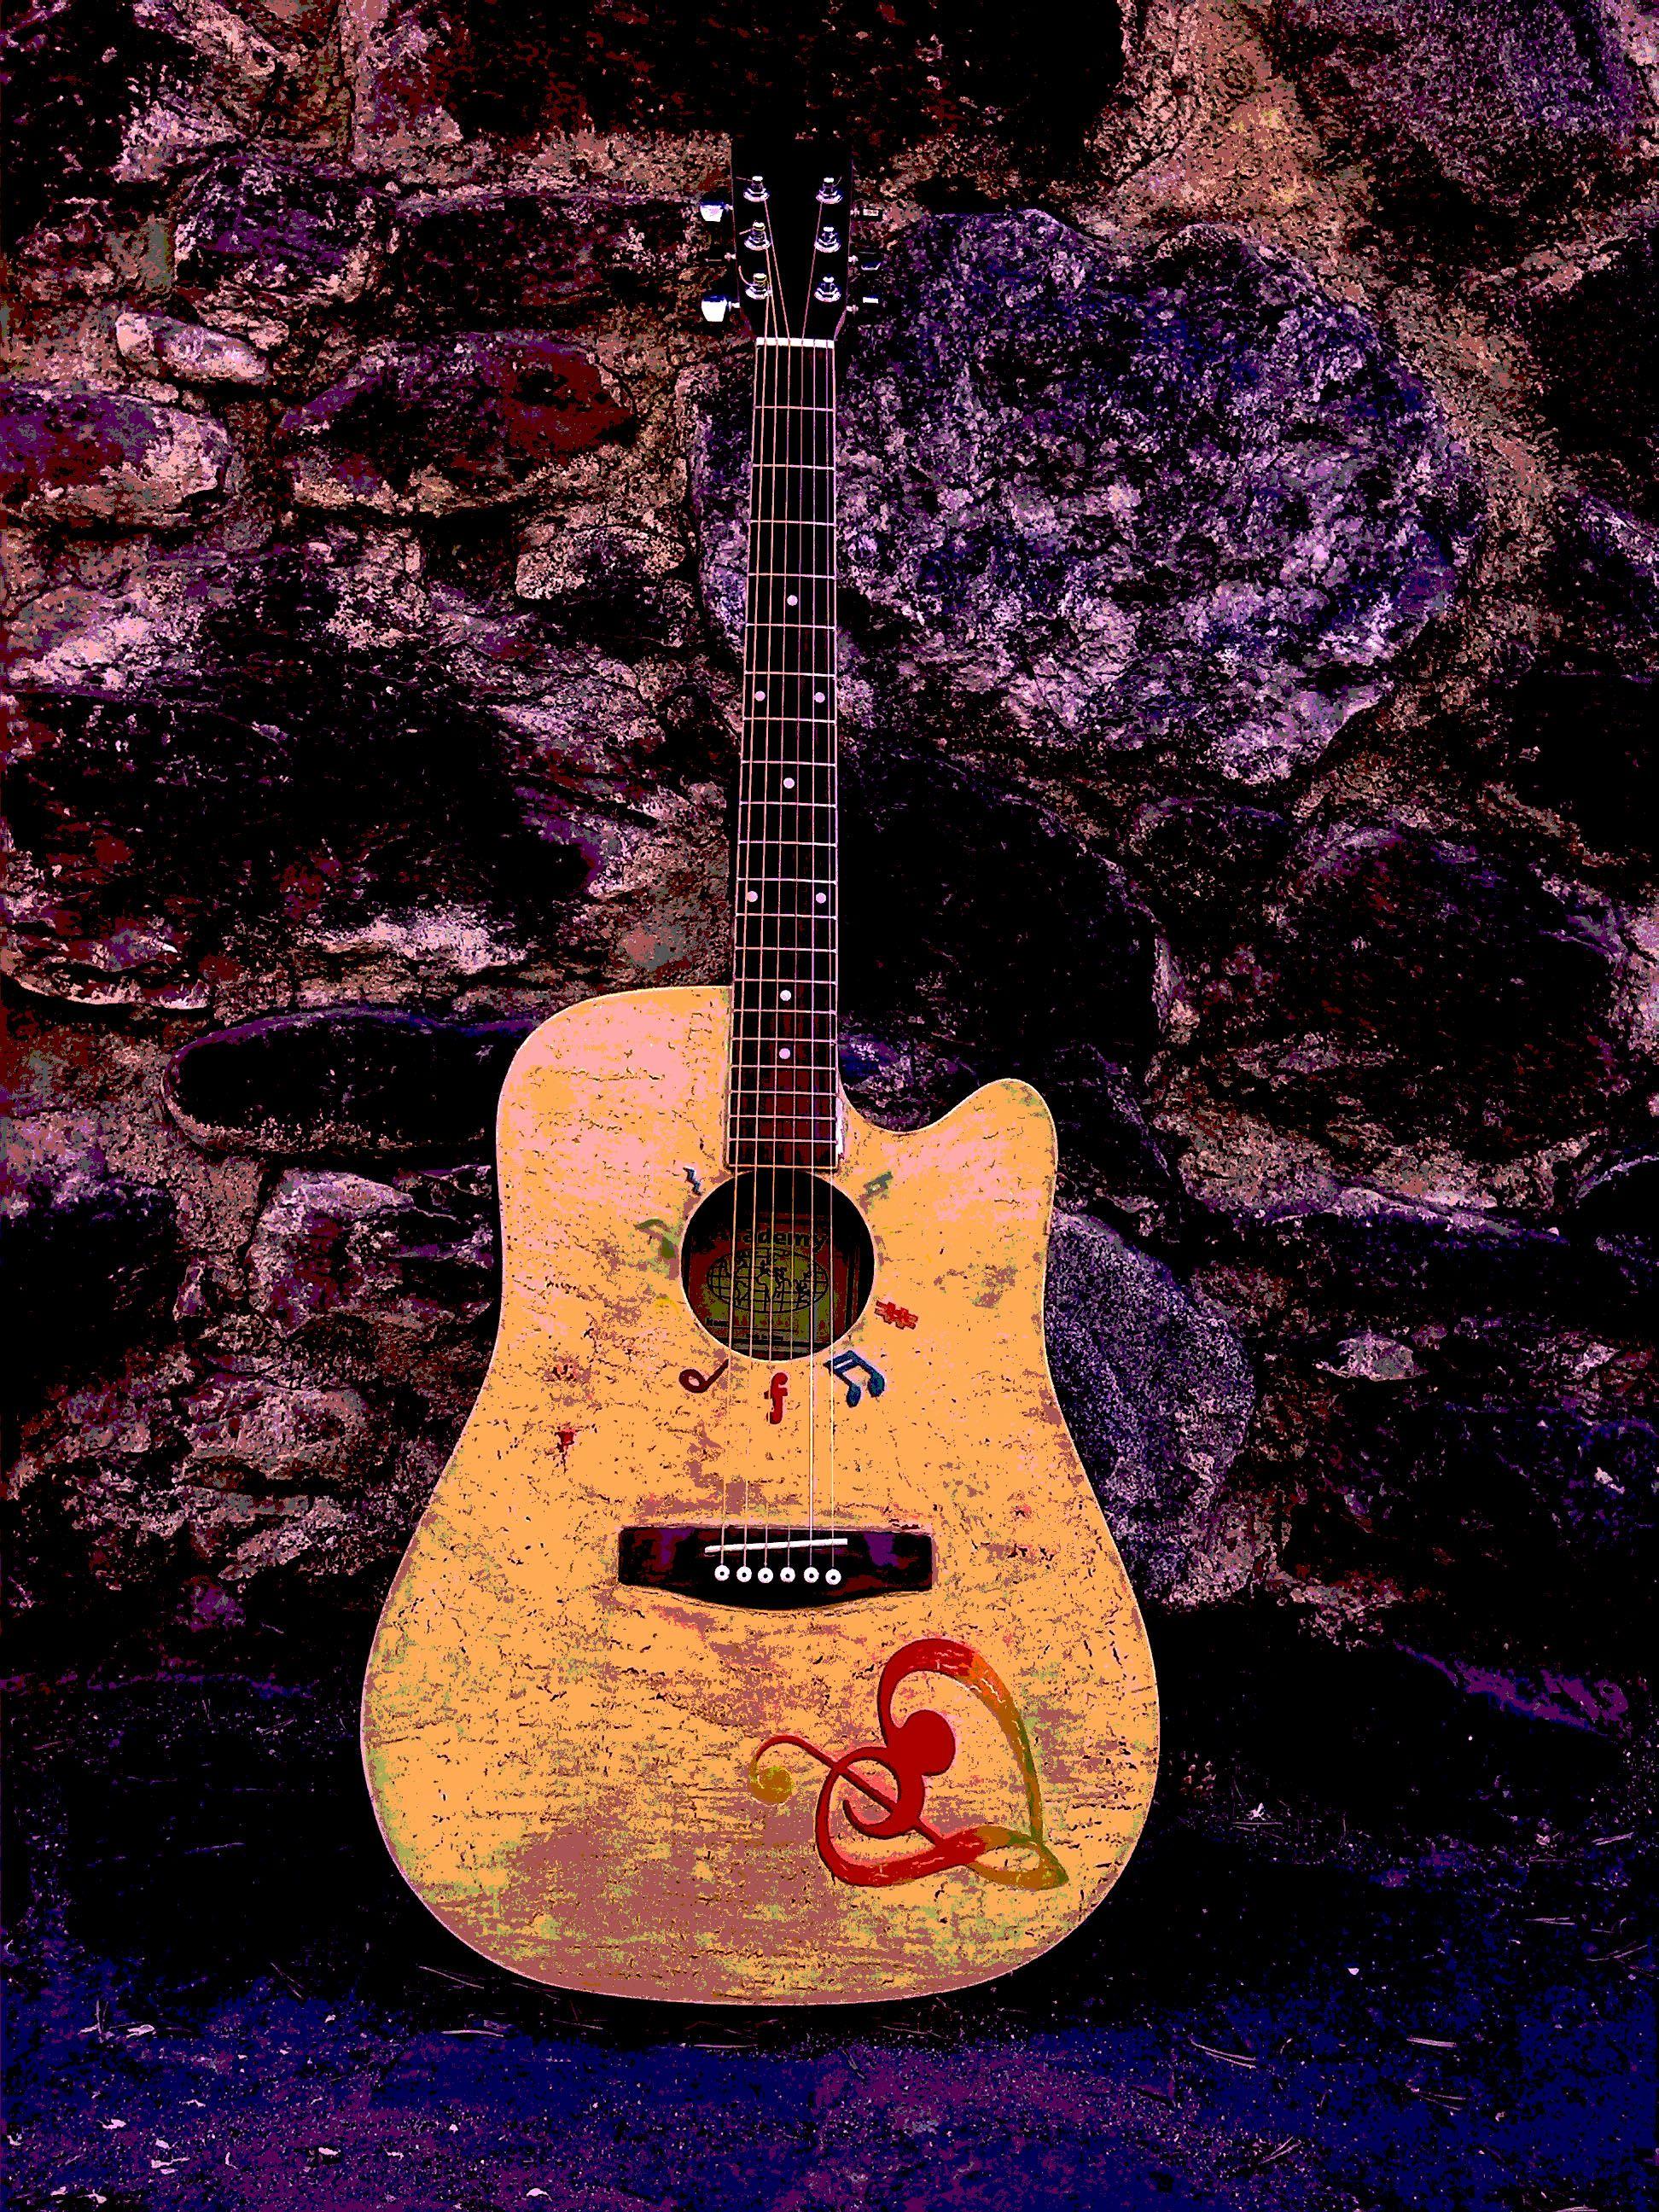 Fotografía deigital de mi guitarra